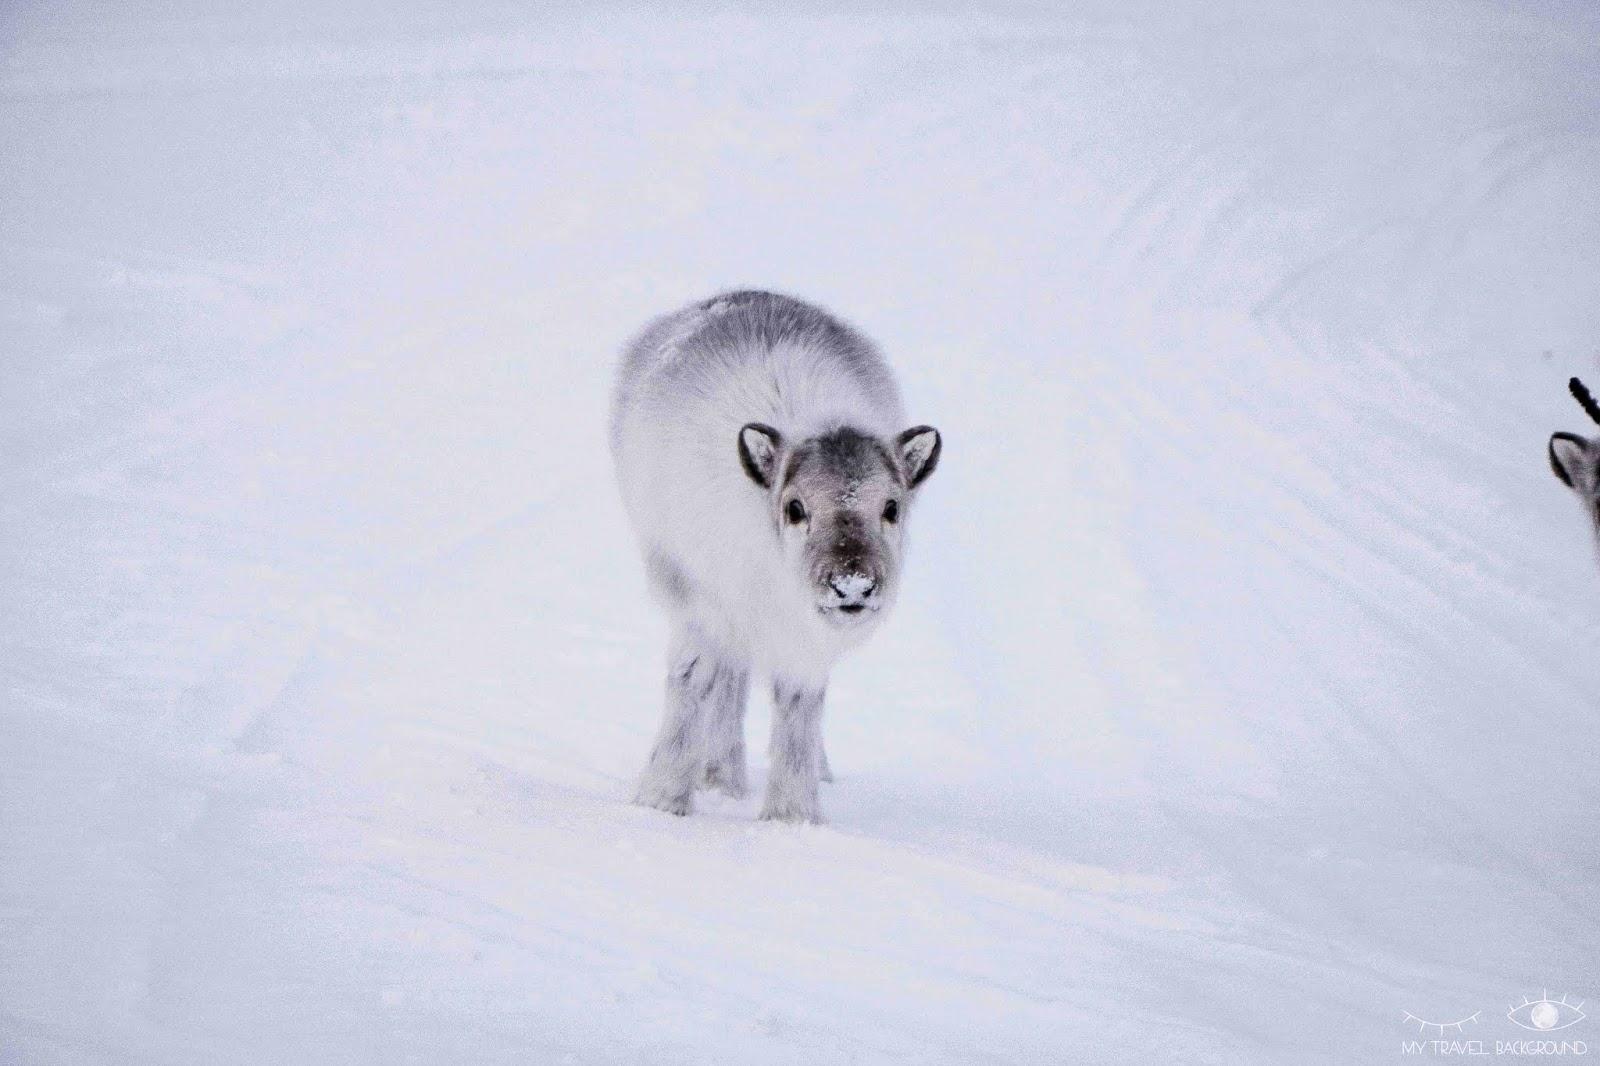 My Travel Background : 13 jours en Norvège et au Svalbard : itinéraire du road trip et infos pratiques - Renne au Svalbard